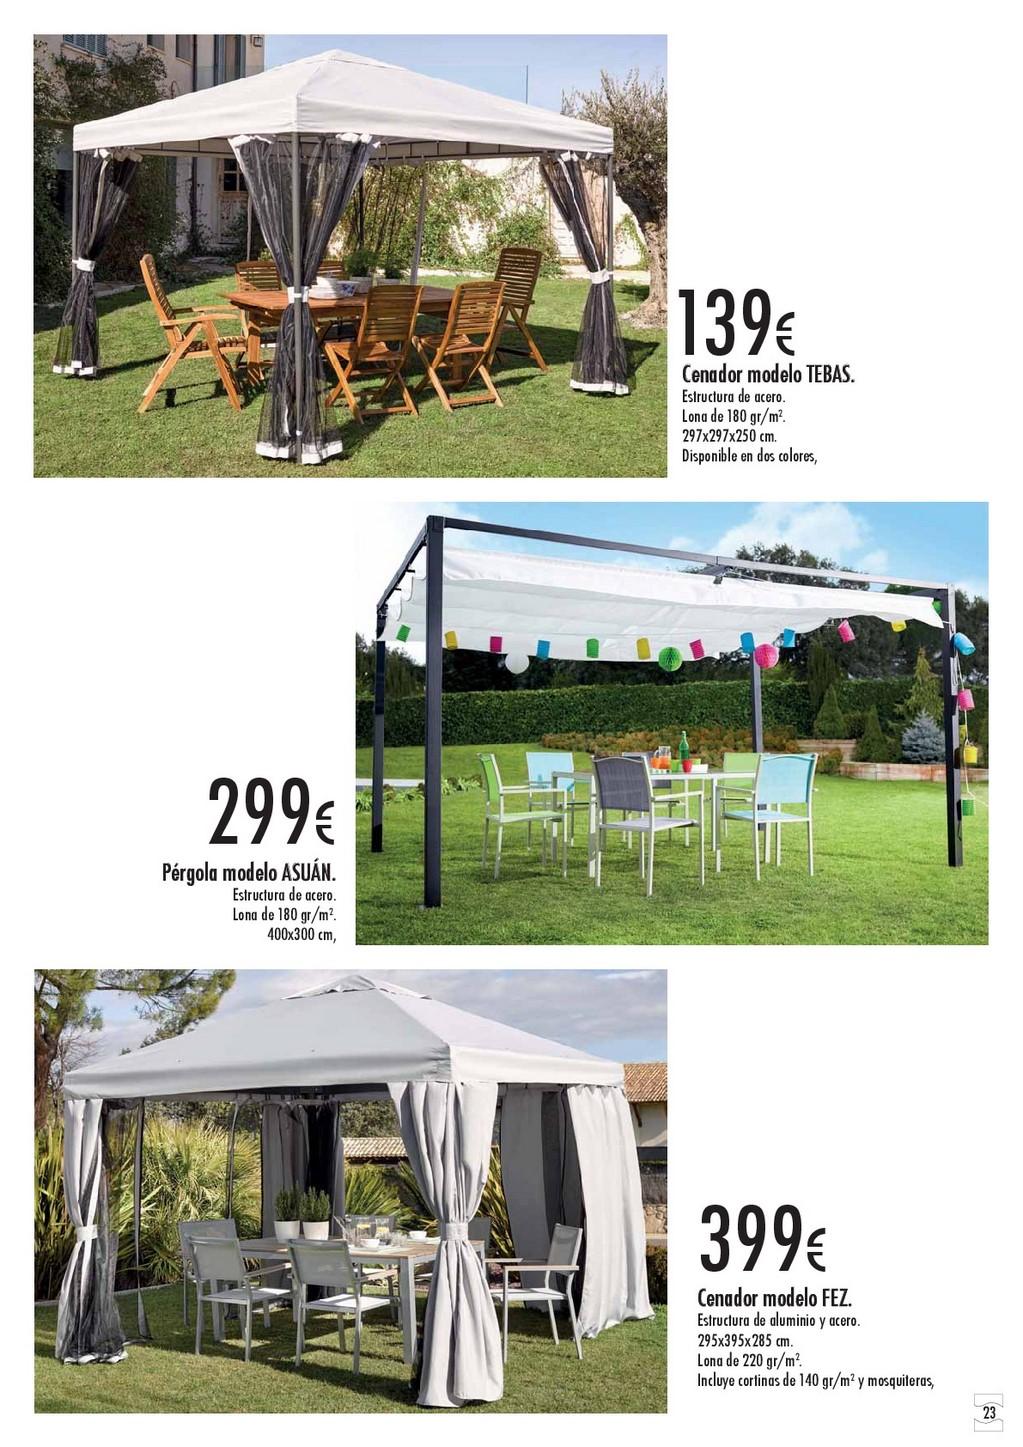 Terraza y jardin hipercor 201623 for Hipercor sombrillas jardin